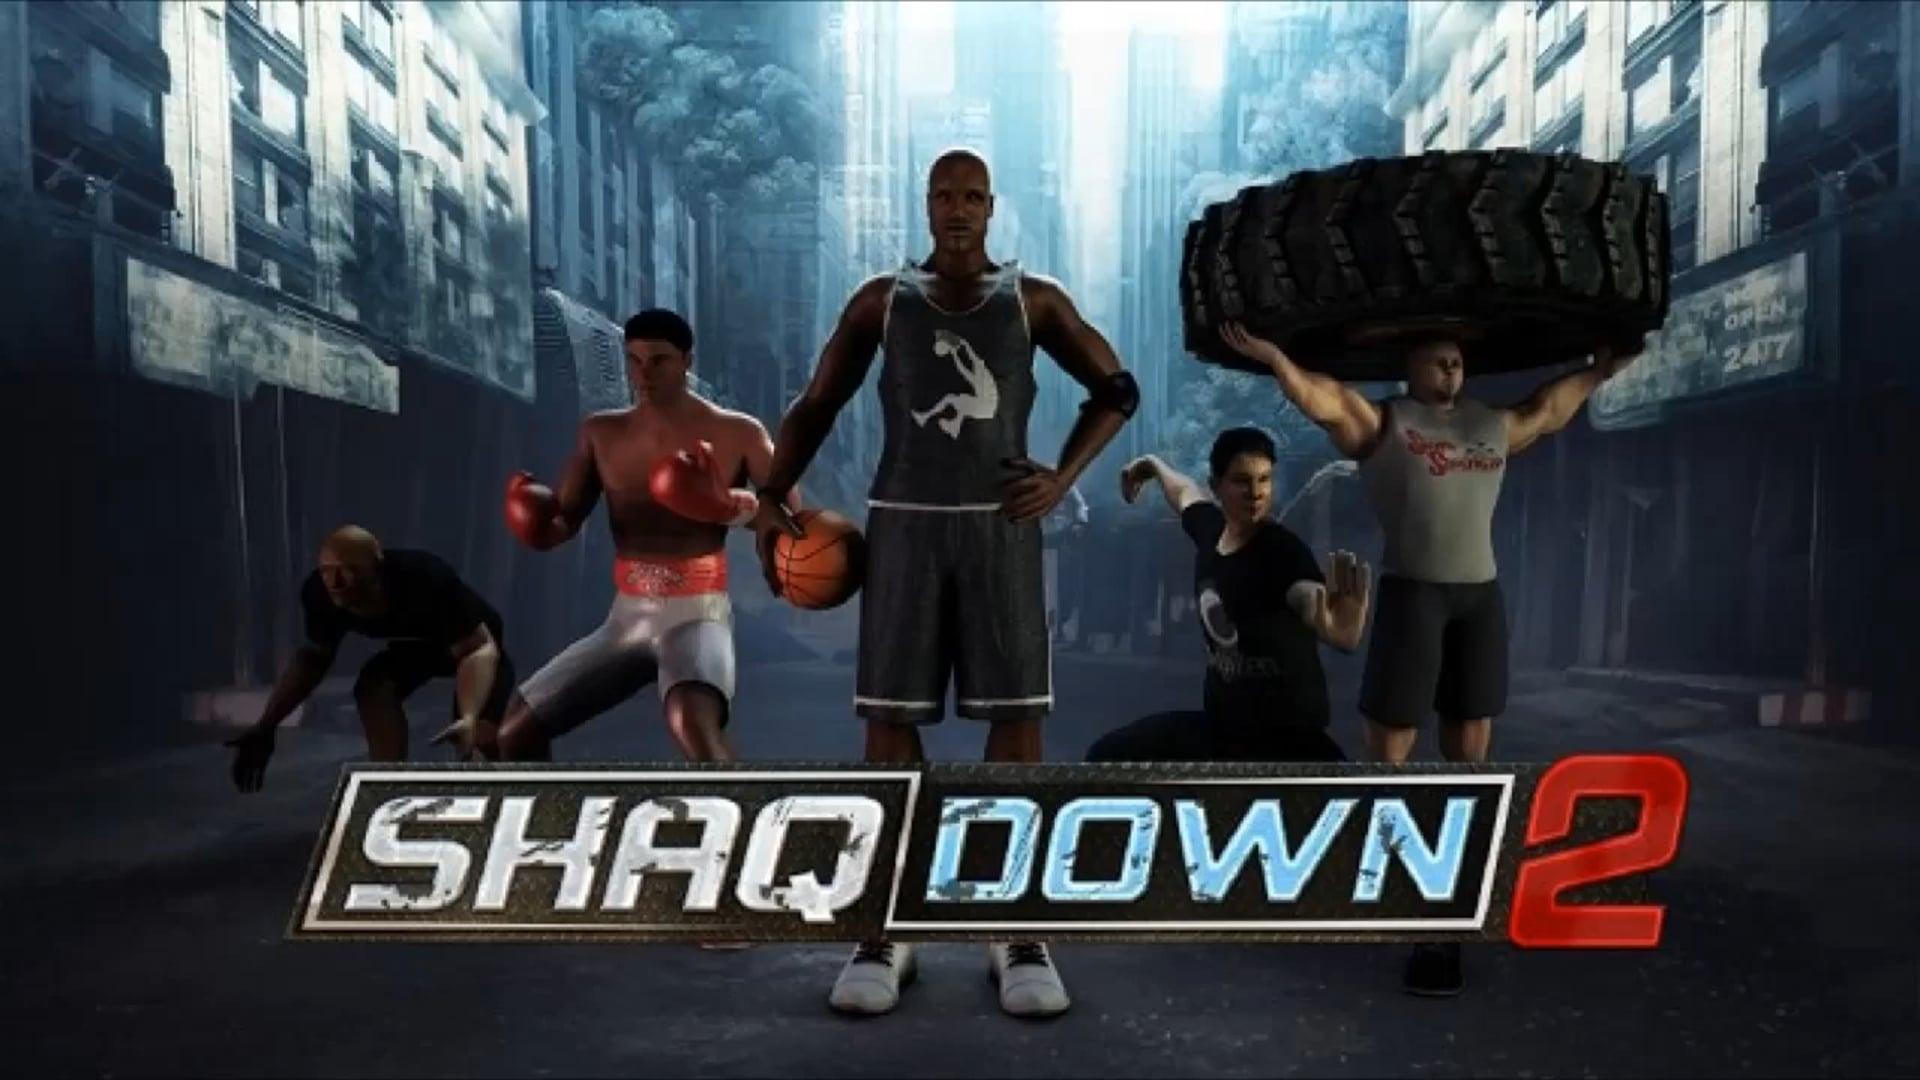 Shaq Down 2 - Airport Level